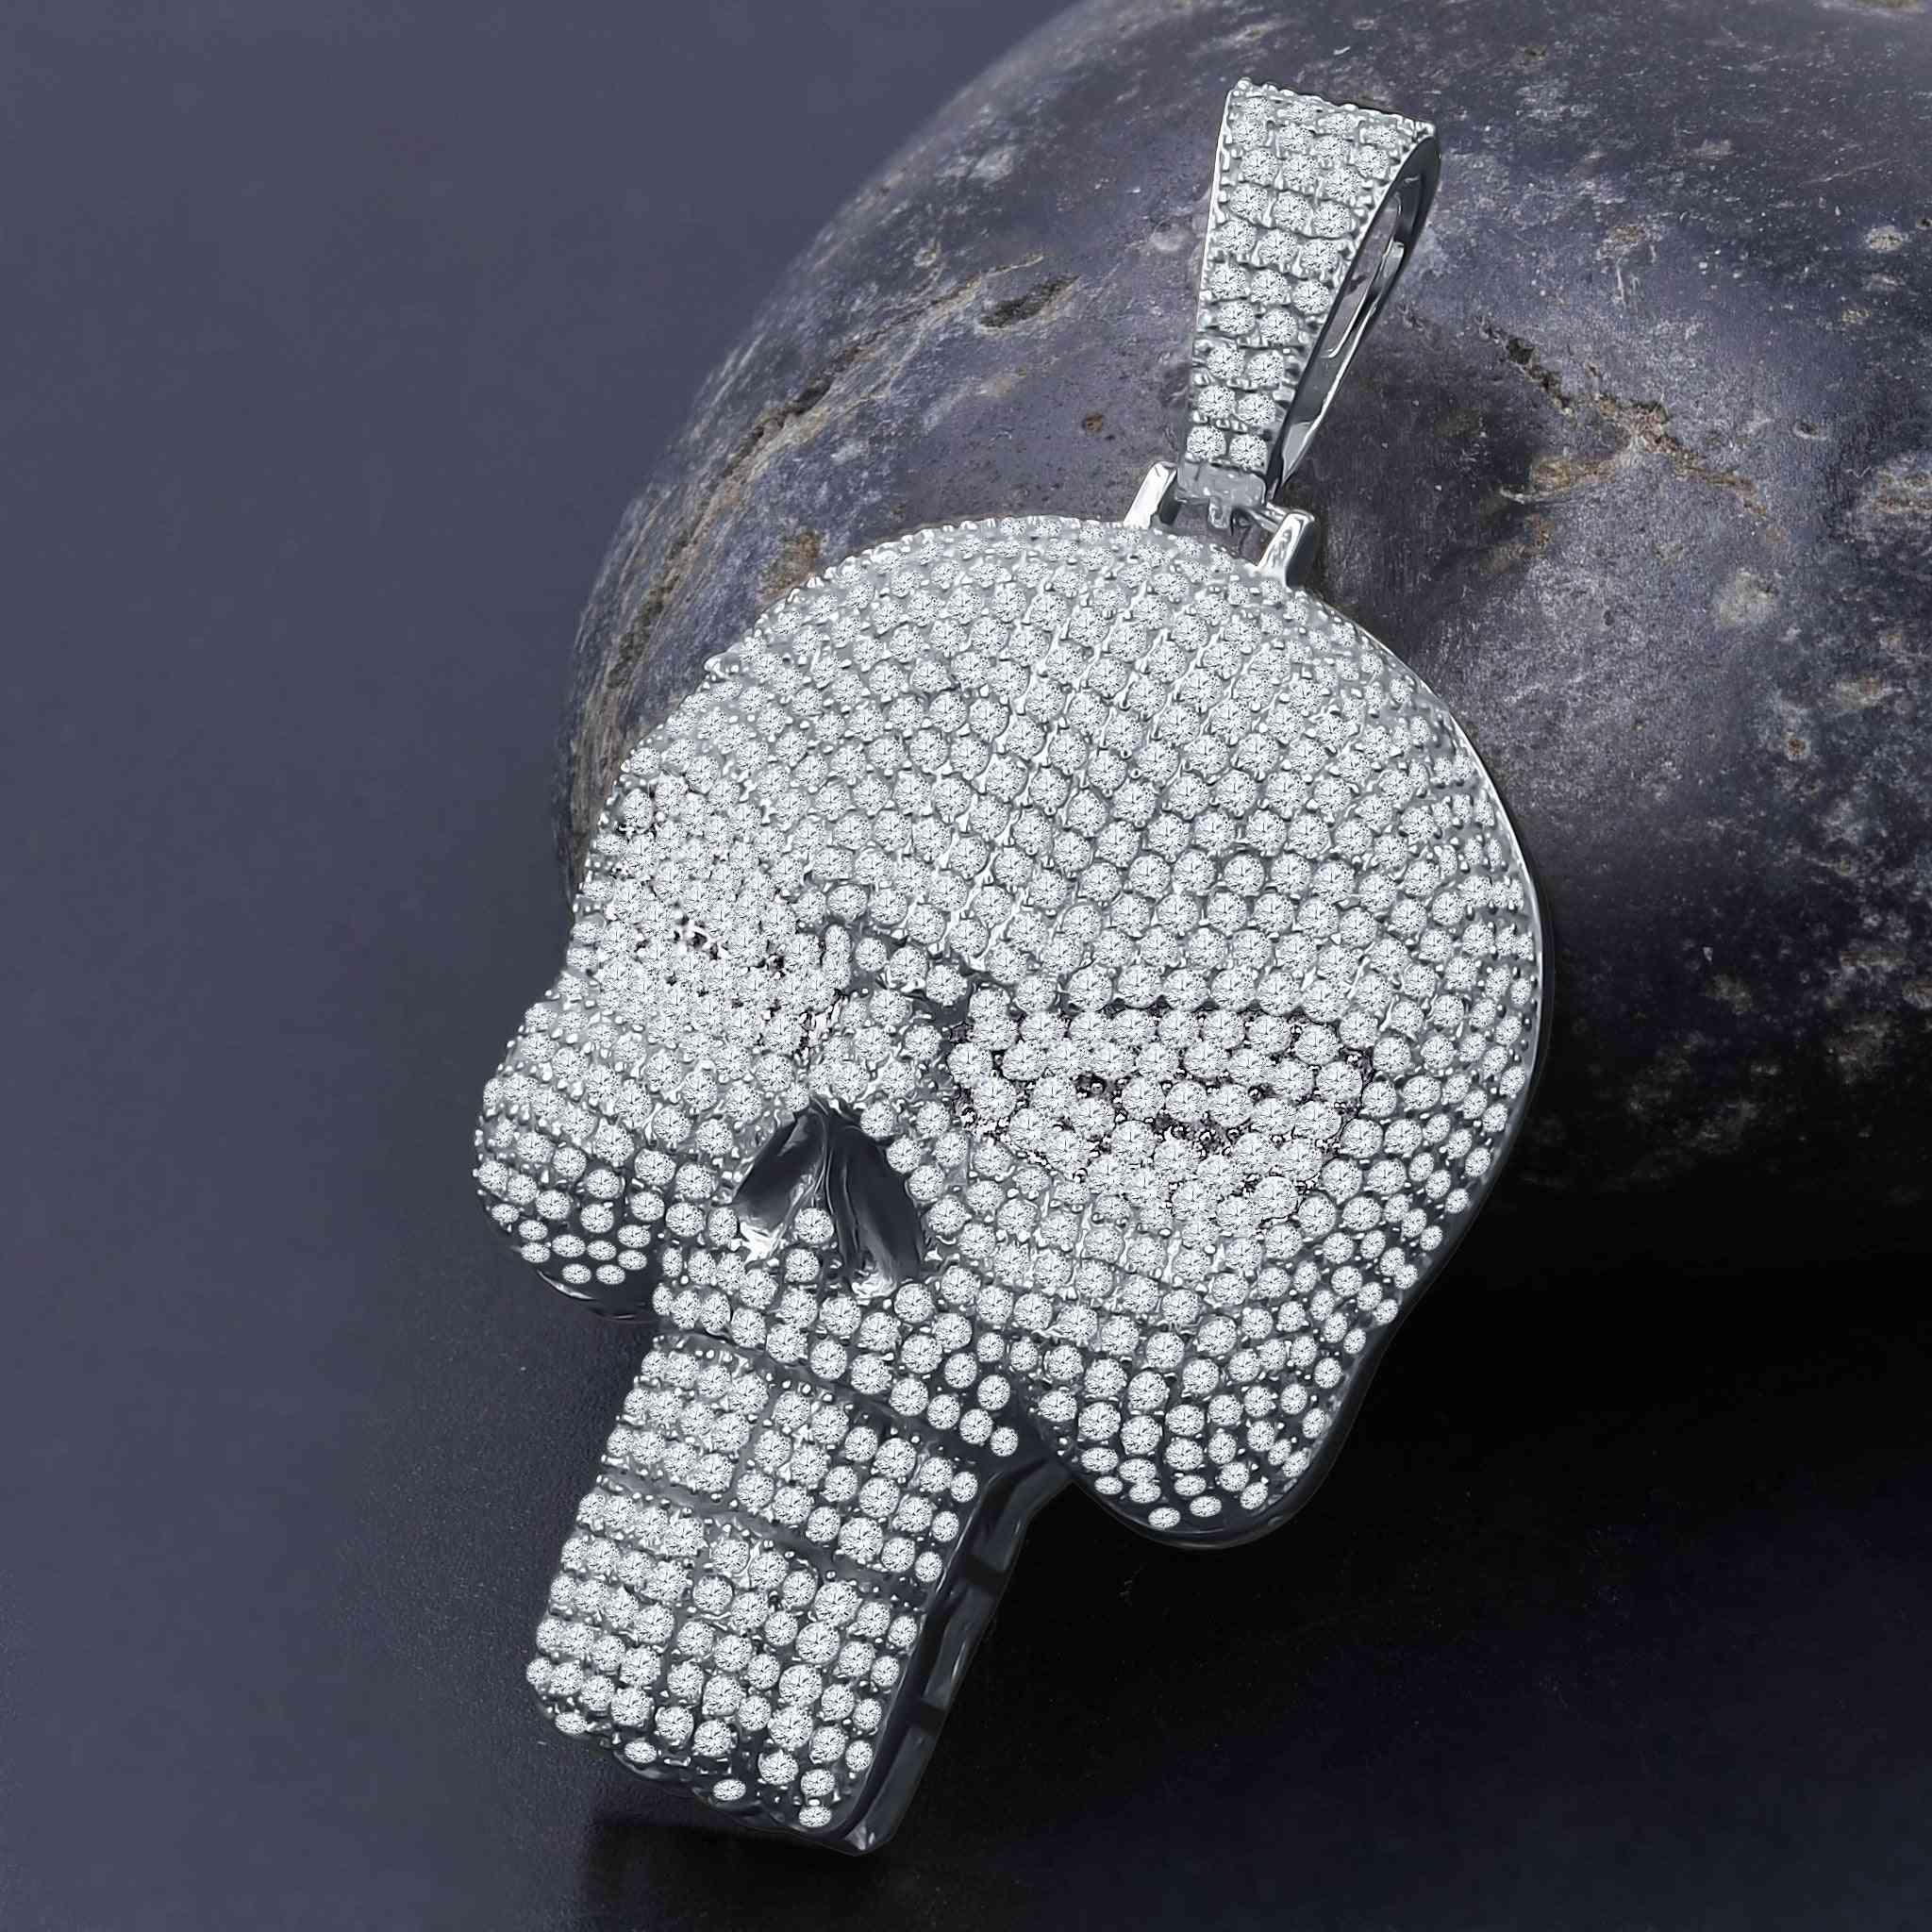 Brainpan Silver Pendant | 9214281